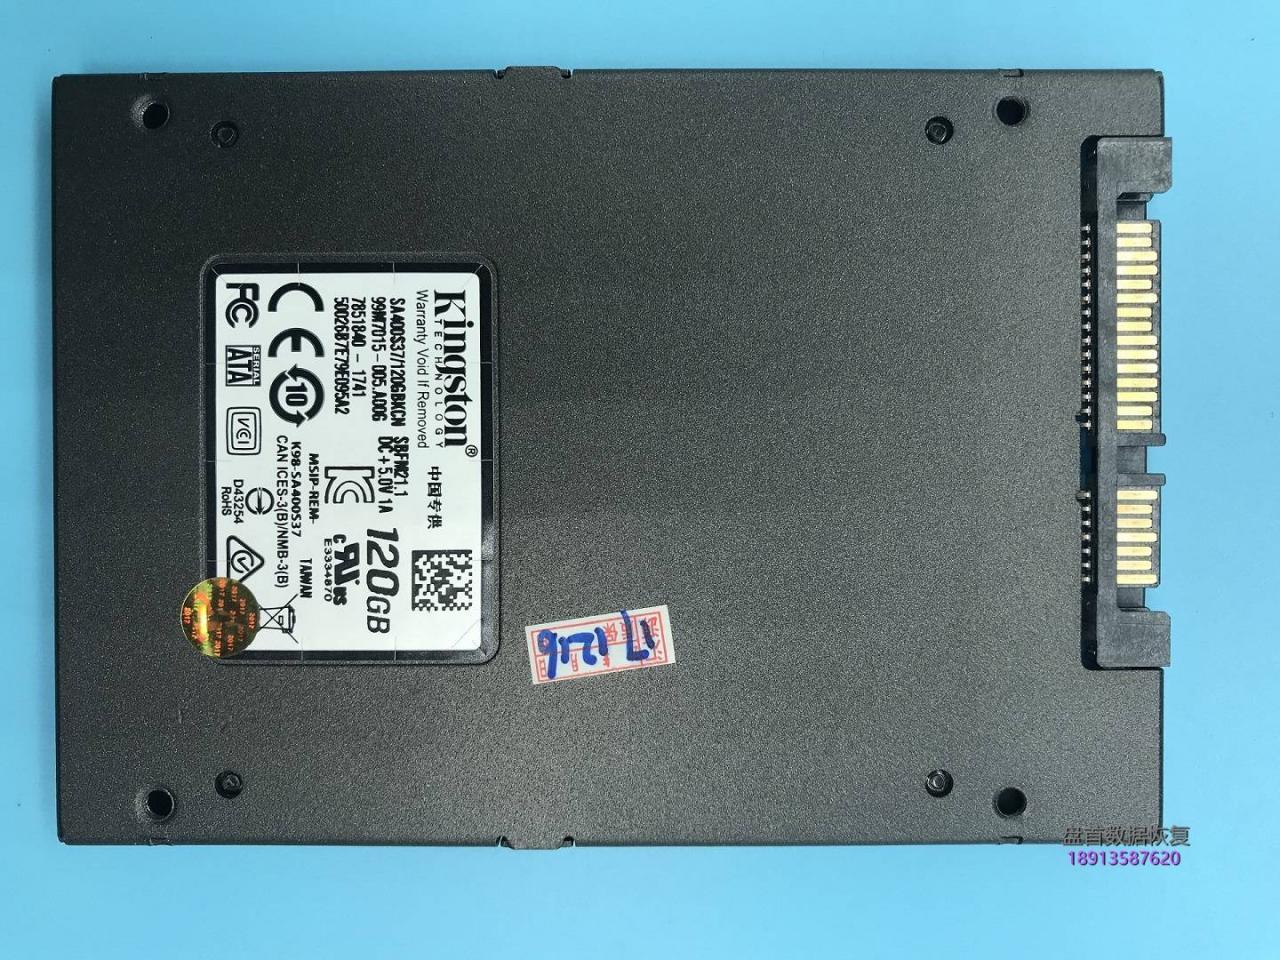 金士顿A400固态硬盘掉盘型号变成SATAFIRM S11主控为CP332388(PS3111)使用PC3000 SSD固态硬盘数据恢复成功